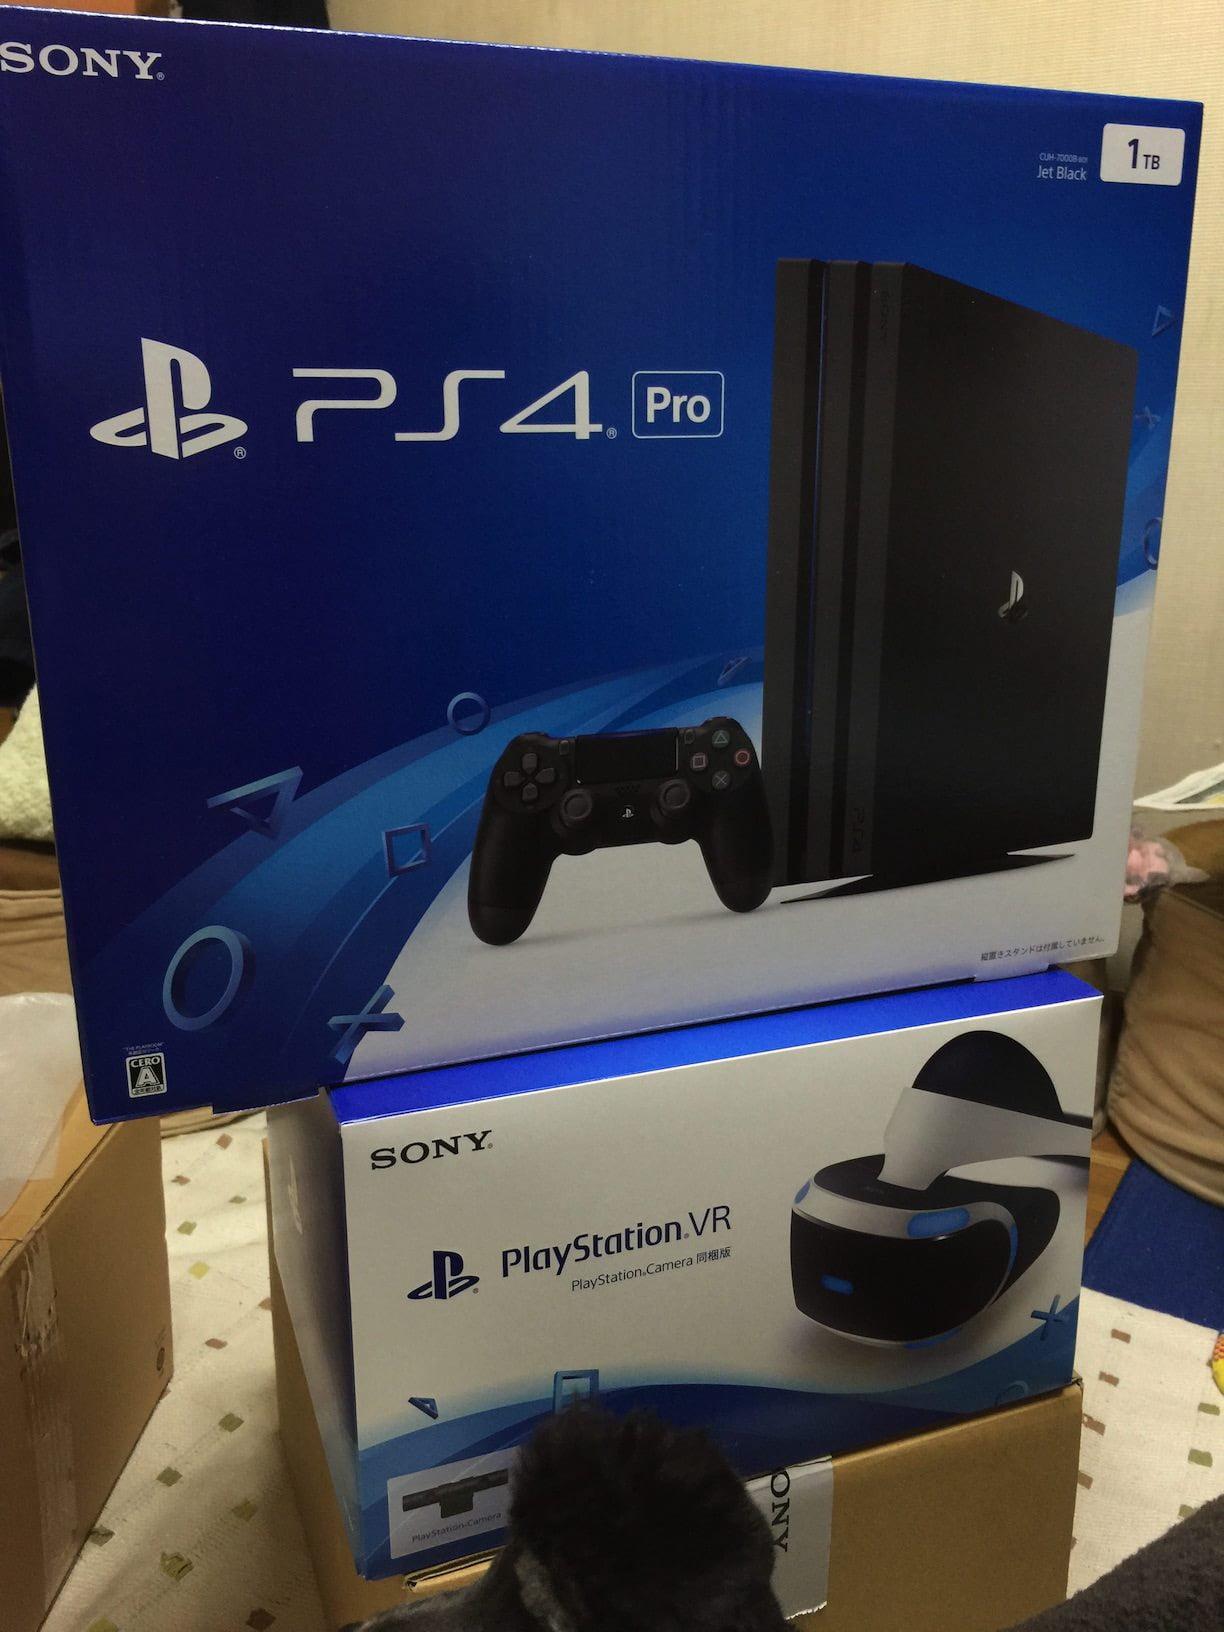 PS4 psvr